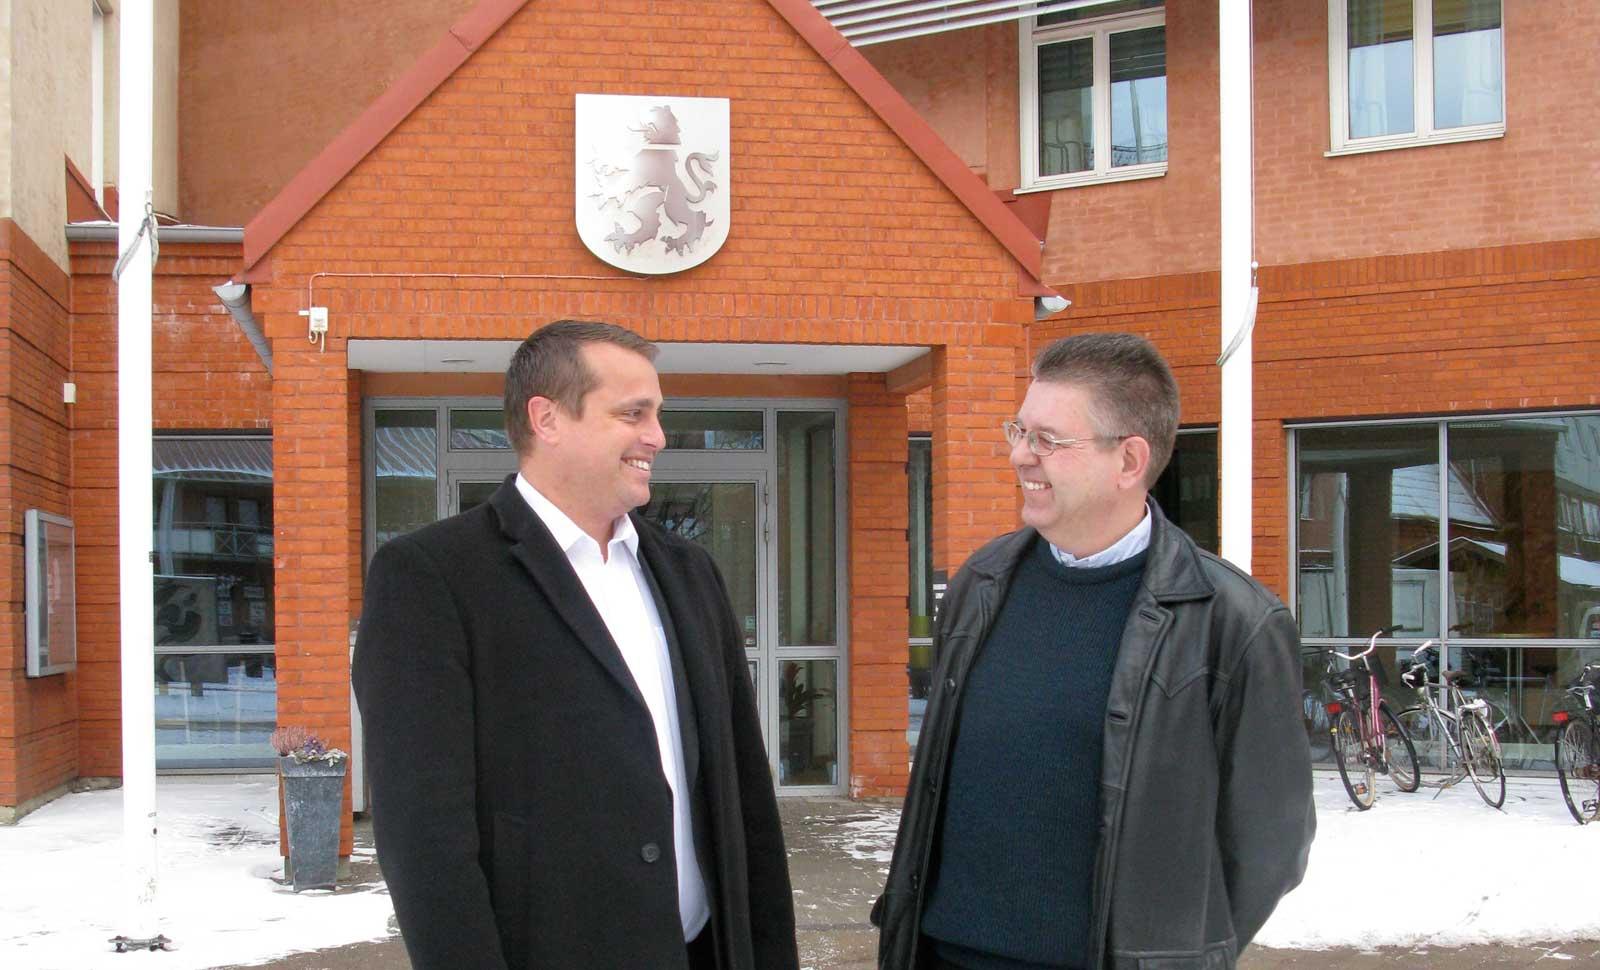 Christian Sonesson och Pierre Sjöström. Foto: Ivar Sjögren för StaffanstorpsAktuellt